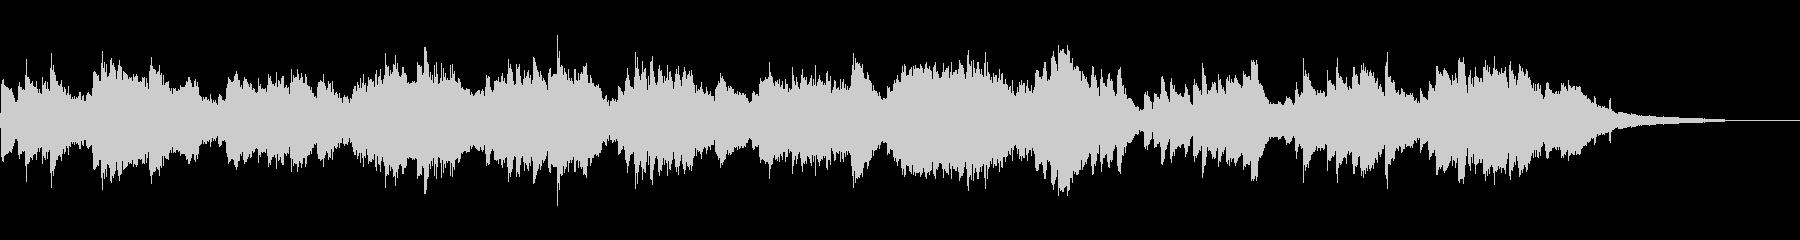 爽やかな風のようなピアノソロ・30秒広告の未再生の波形